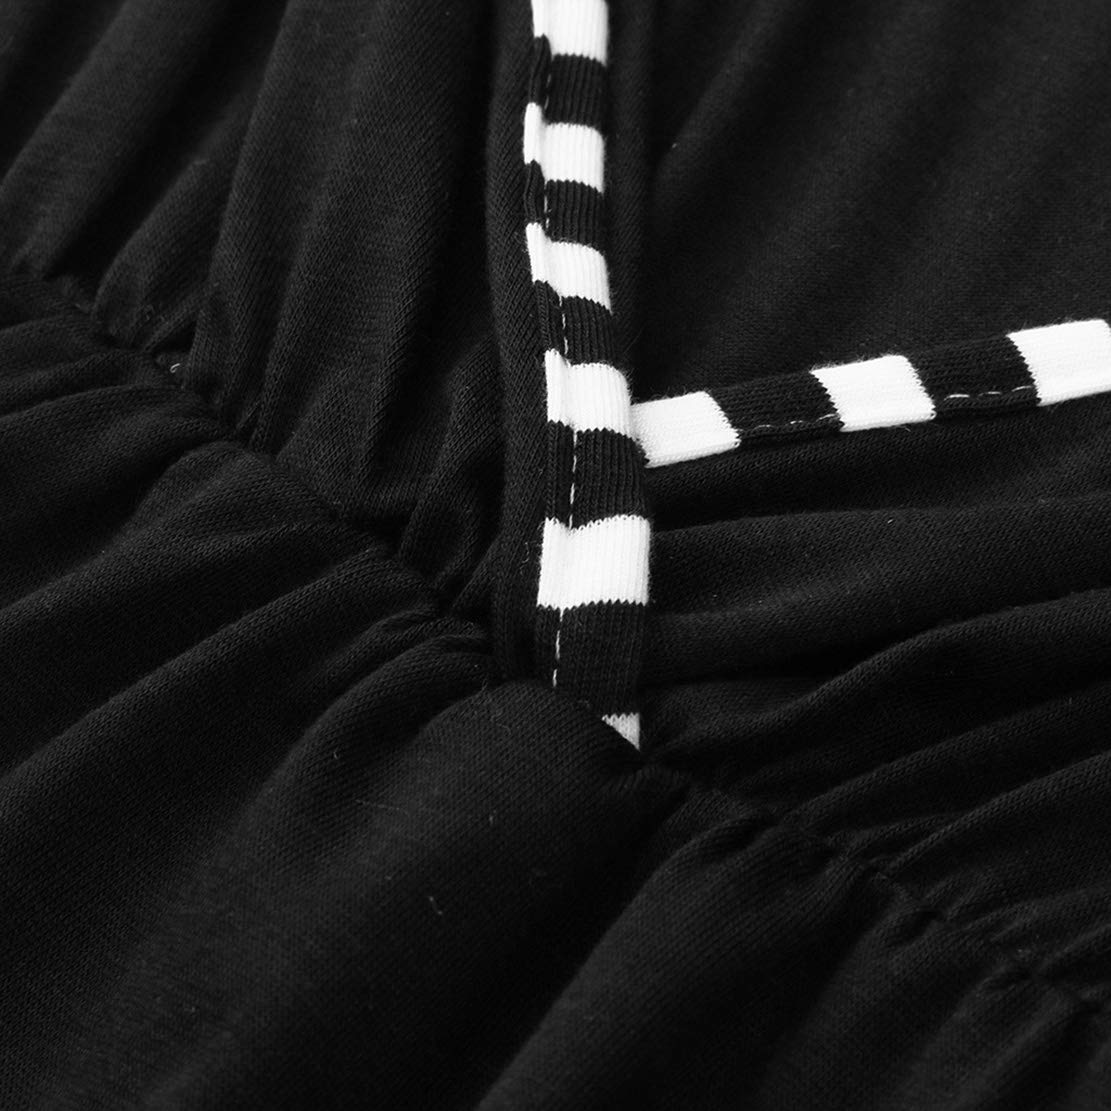 Stillpyjama Damen Umstandspyjama Set Baumwolle Schlafanzug Schwangerschaft Pyjamas Stillshirt /Ärmellos und Hosen Stillfunktion